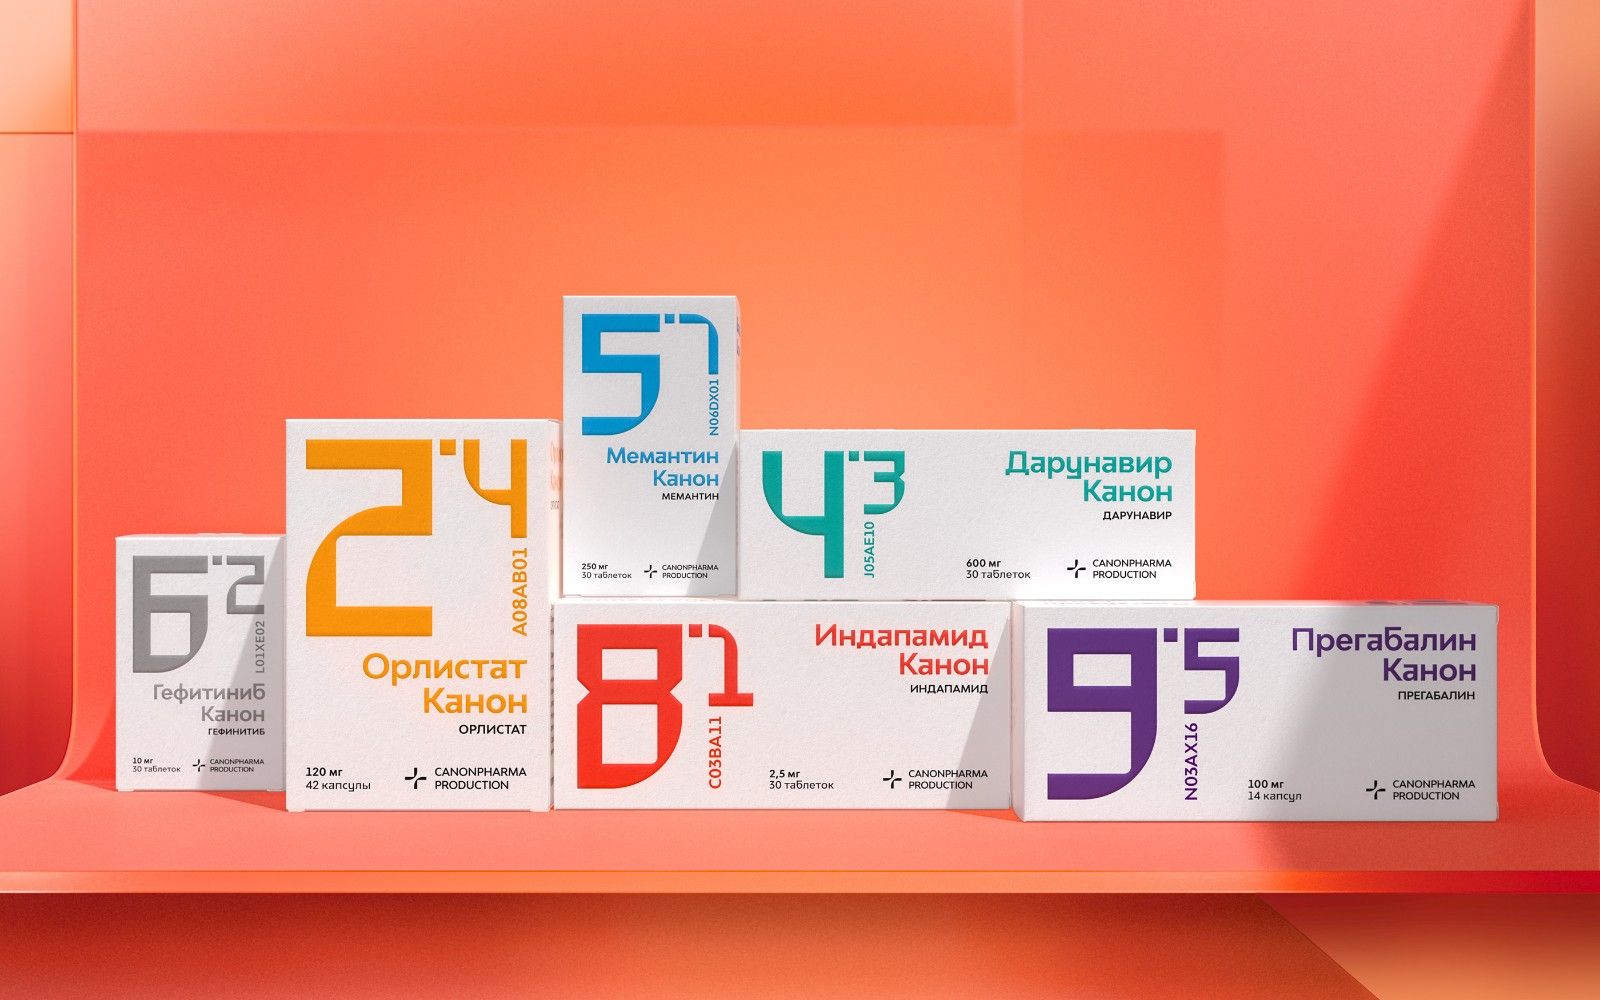 藝點藥品包裝設計案例分享